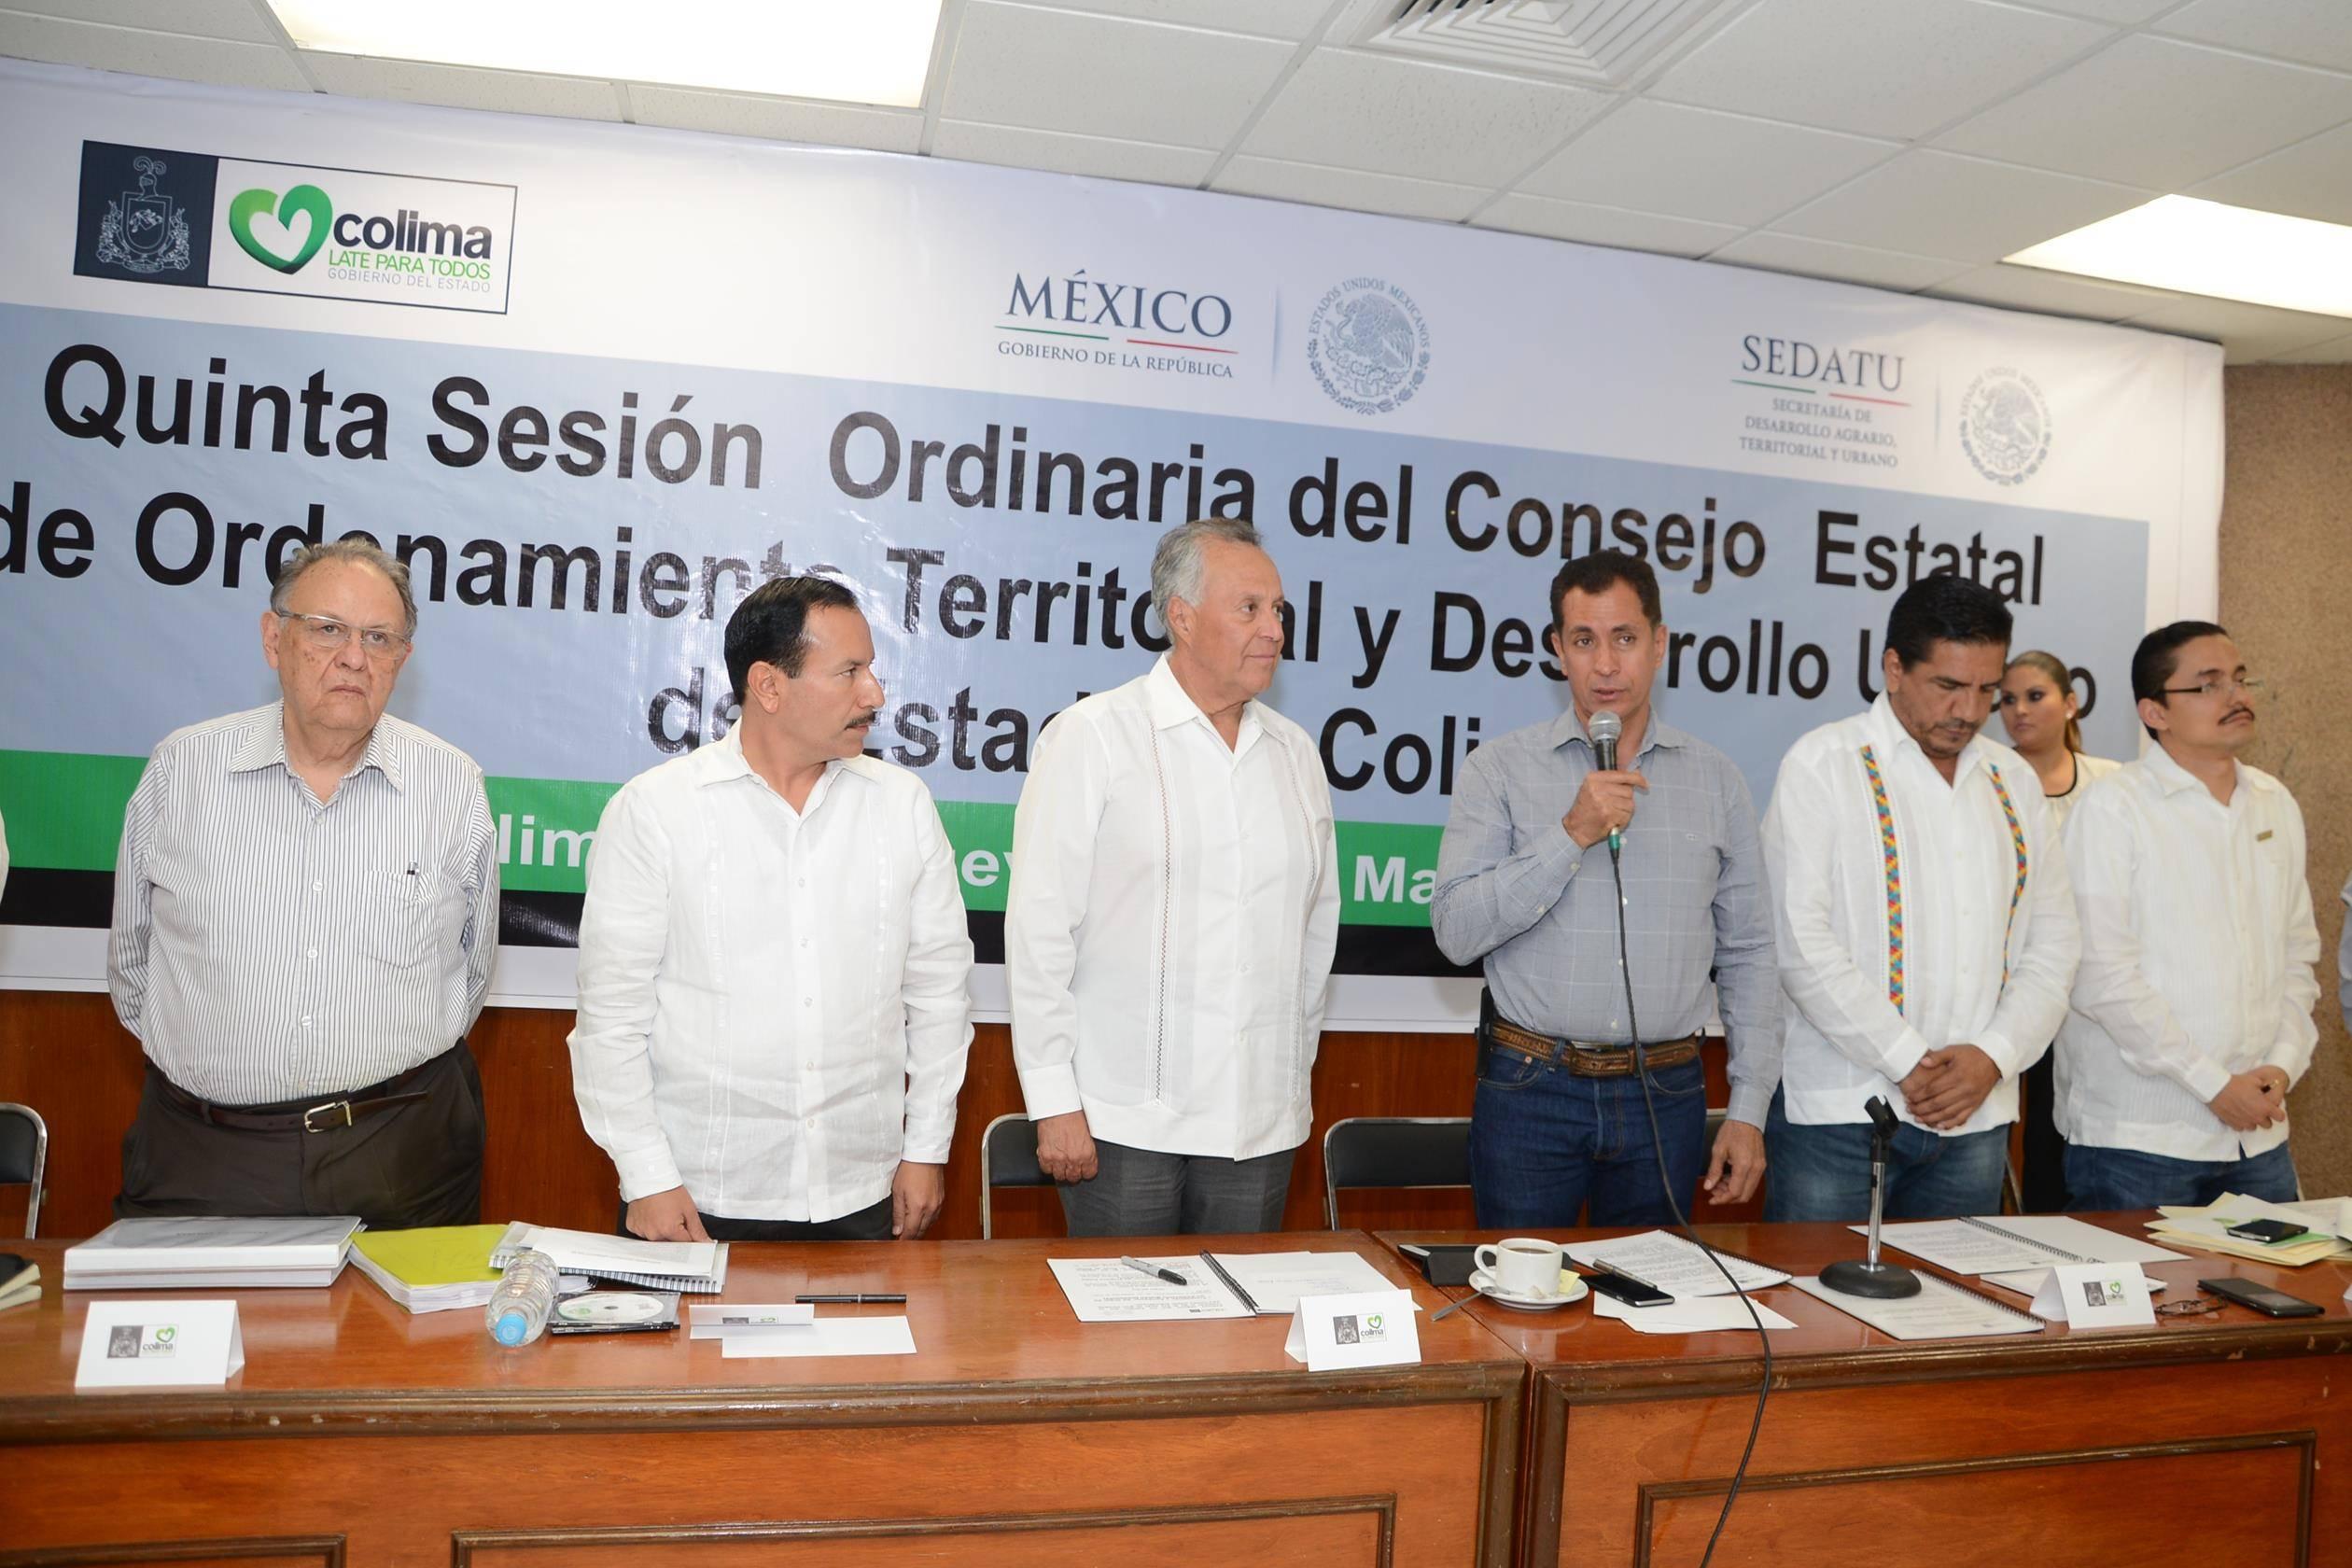 En la imagen, el subsecretario de Ordenamiento Territorial, Gustavo Cárdenas entrega el primer Atlas de Riesgo al gobernador de Colima, Mario Anguiano Moreno.